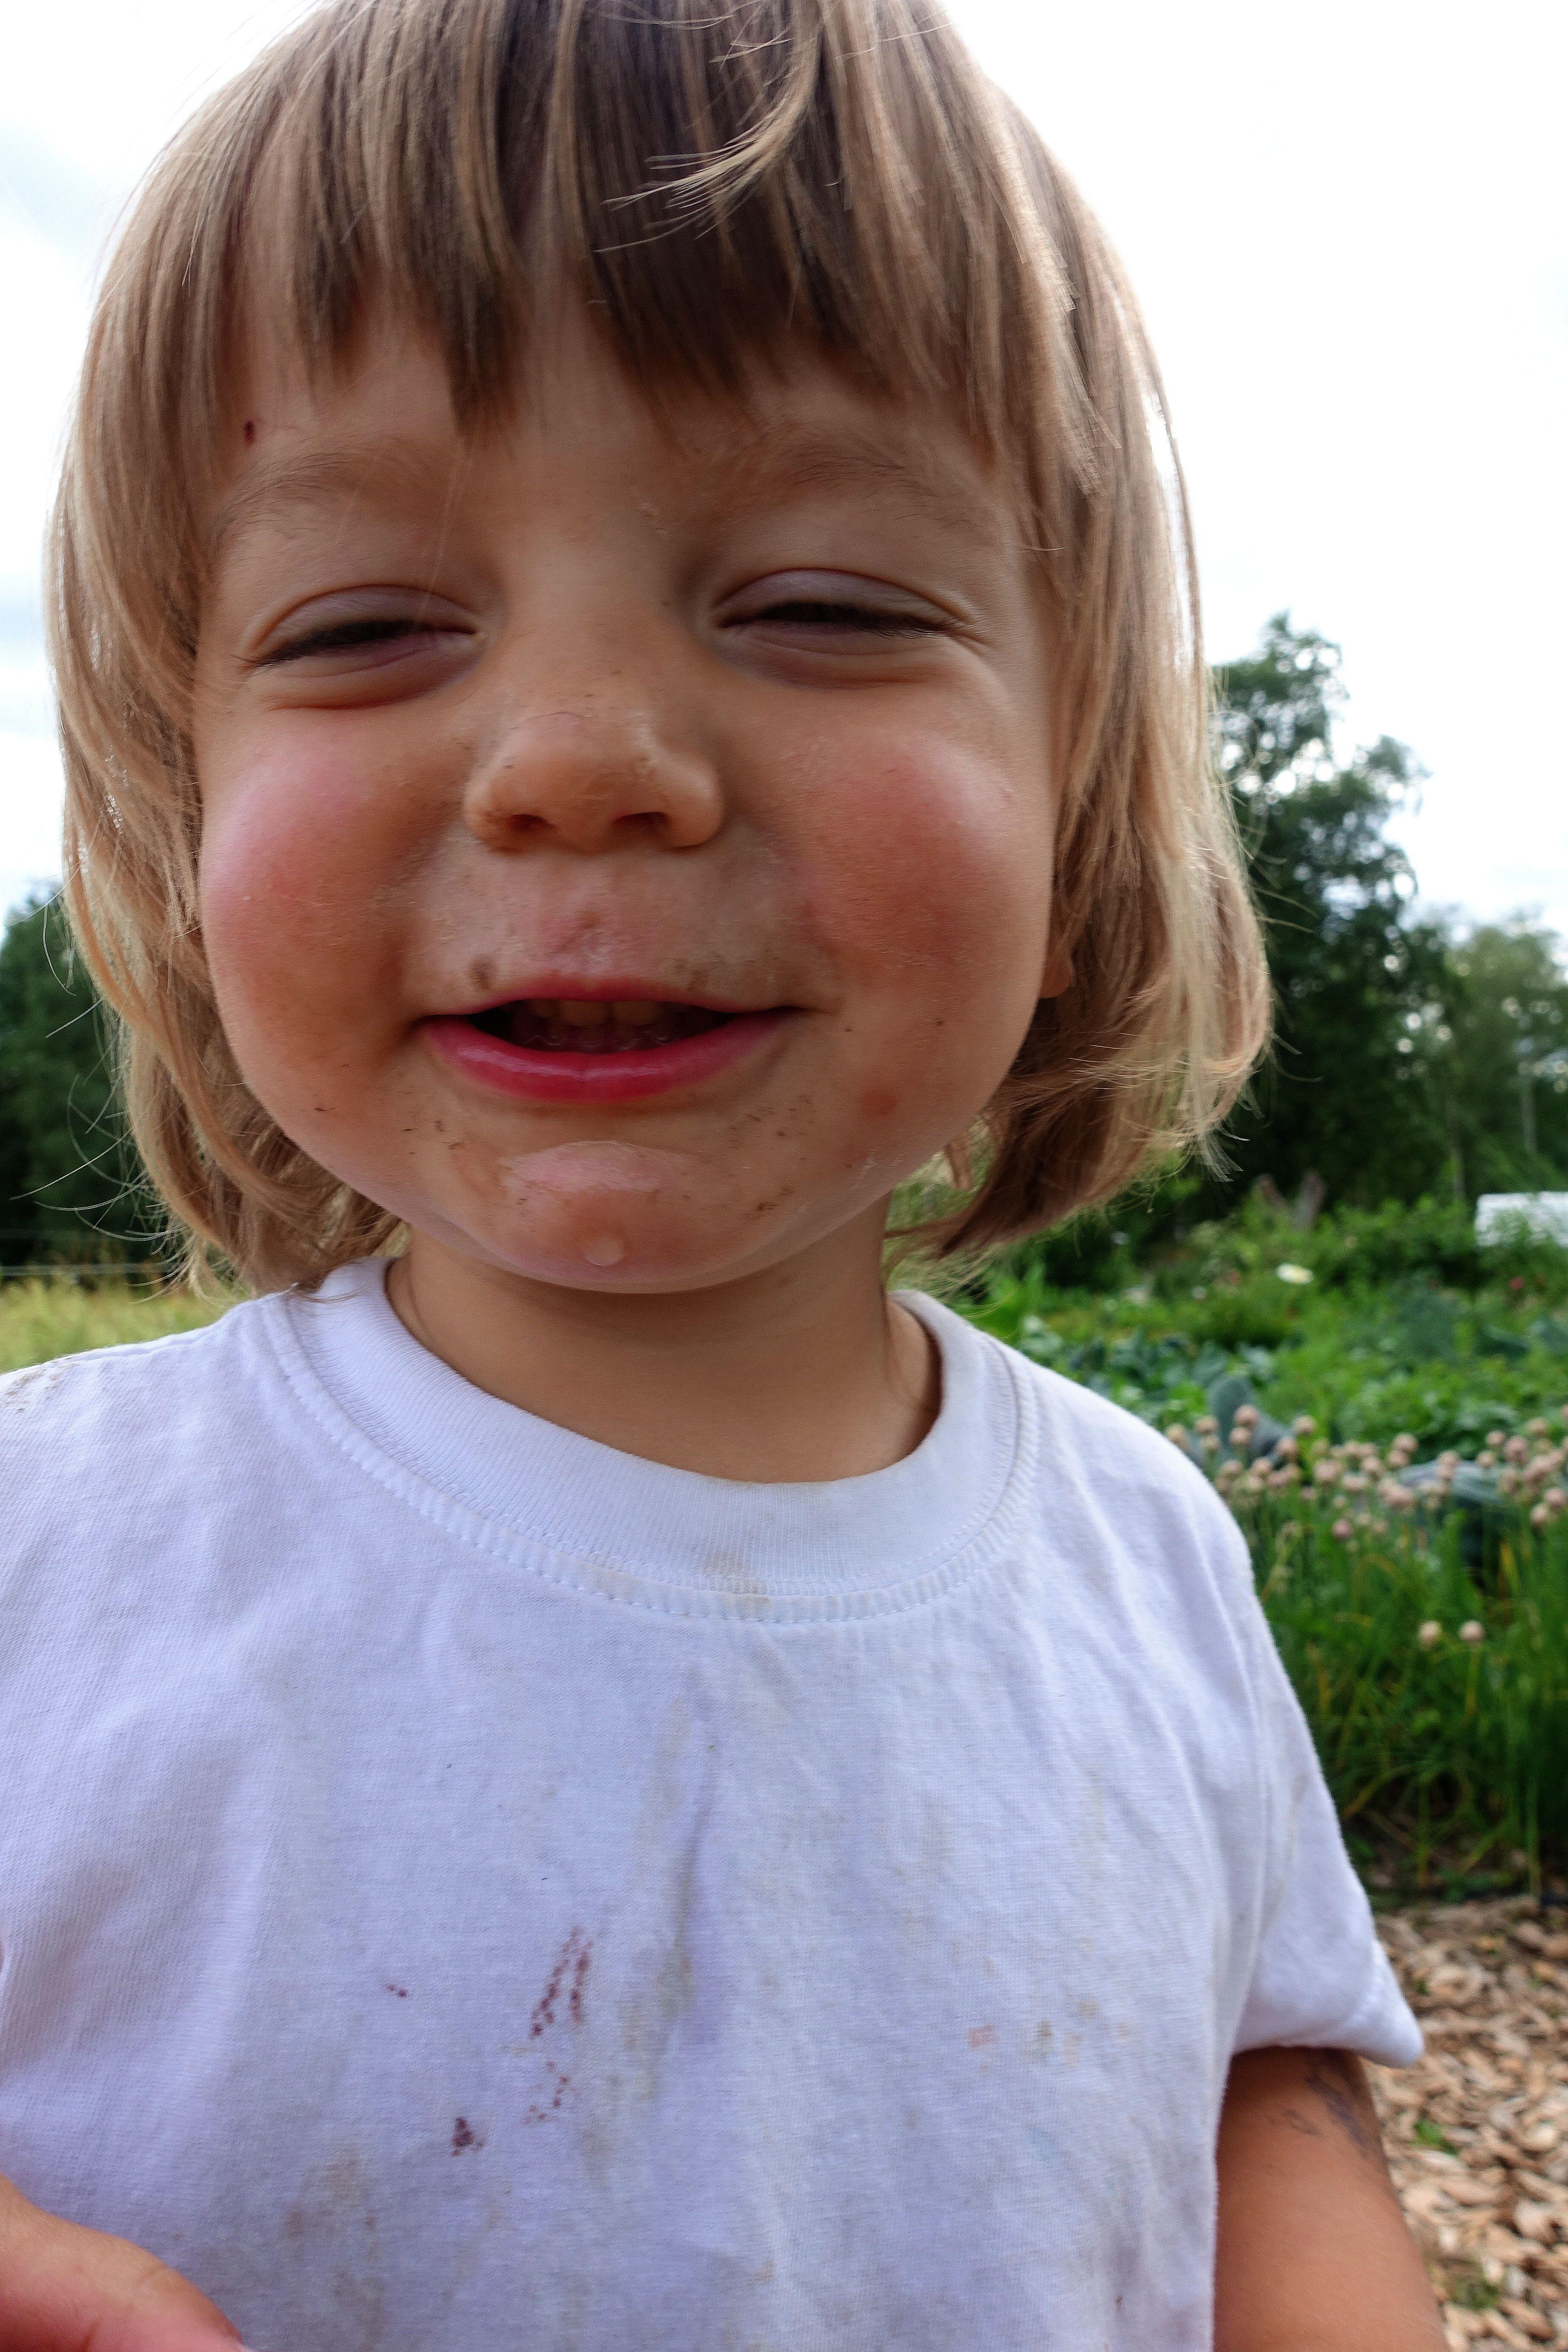 Ett glatt barn, smutsigt i ansiktet. Gardening with kids, Loa with dirt on his face.